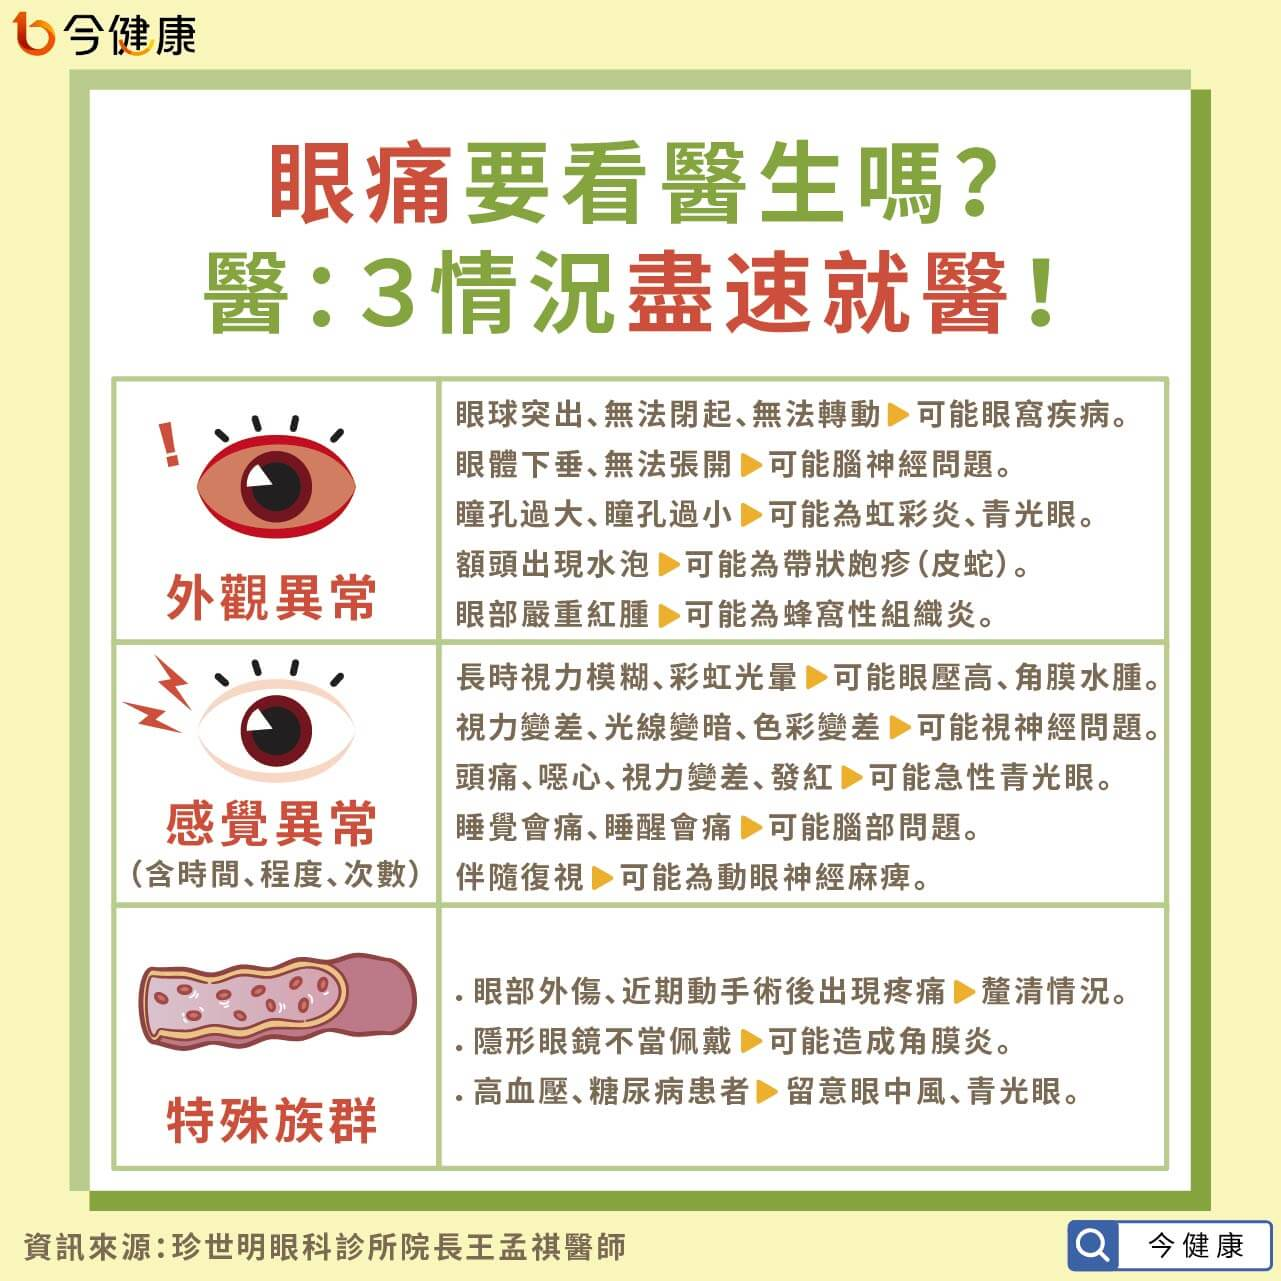 #眼痛 #眼睛痛 #眼睛疼痛 #青光眼 #失明 #王孟祺